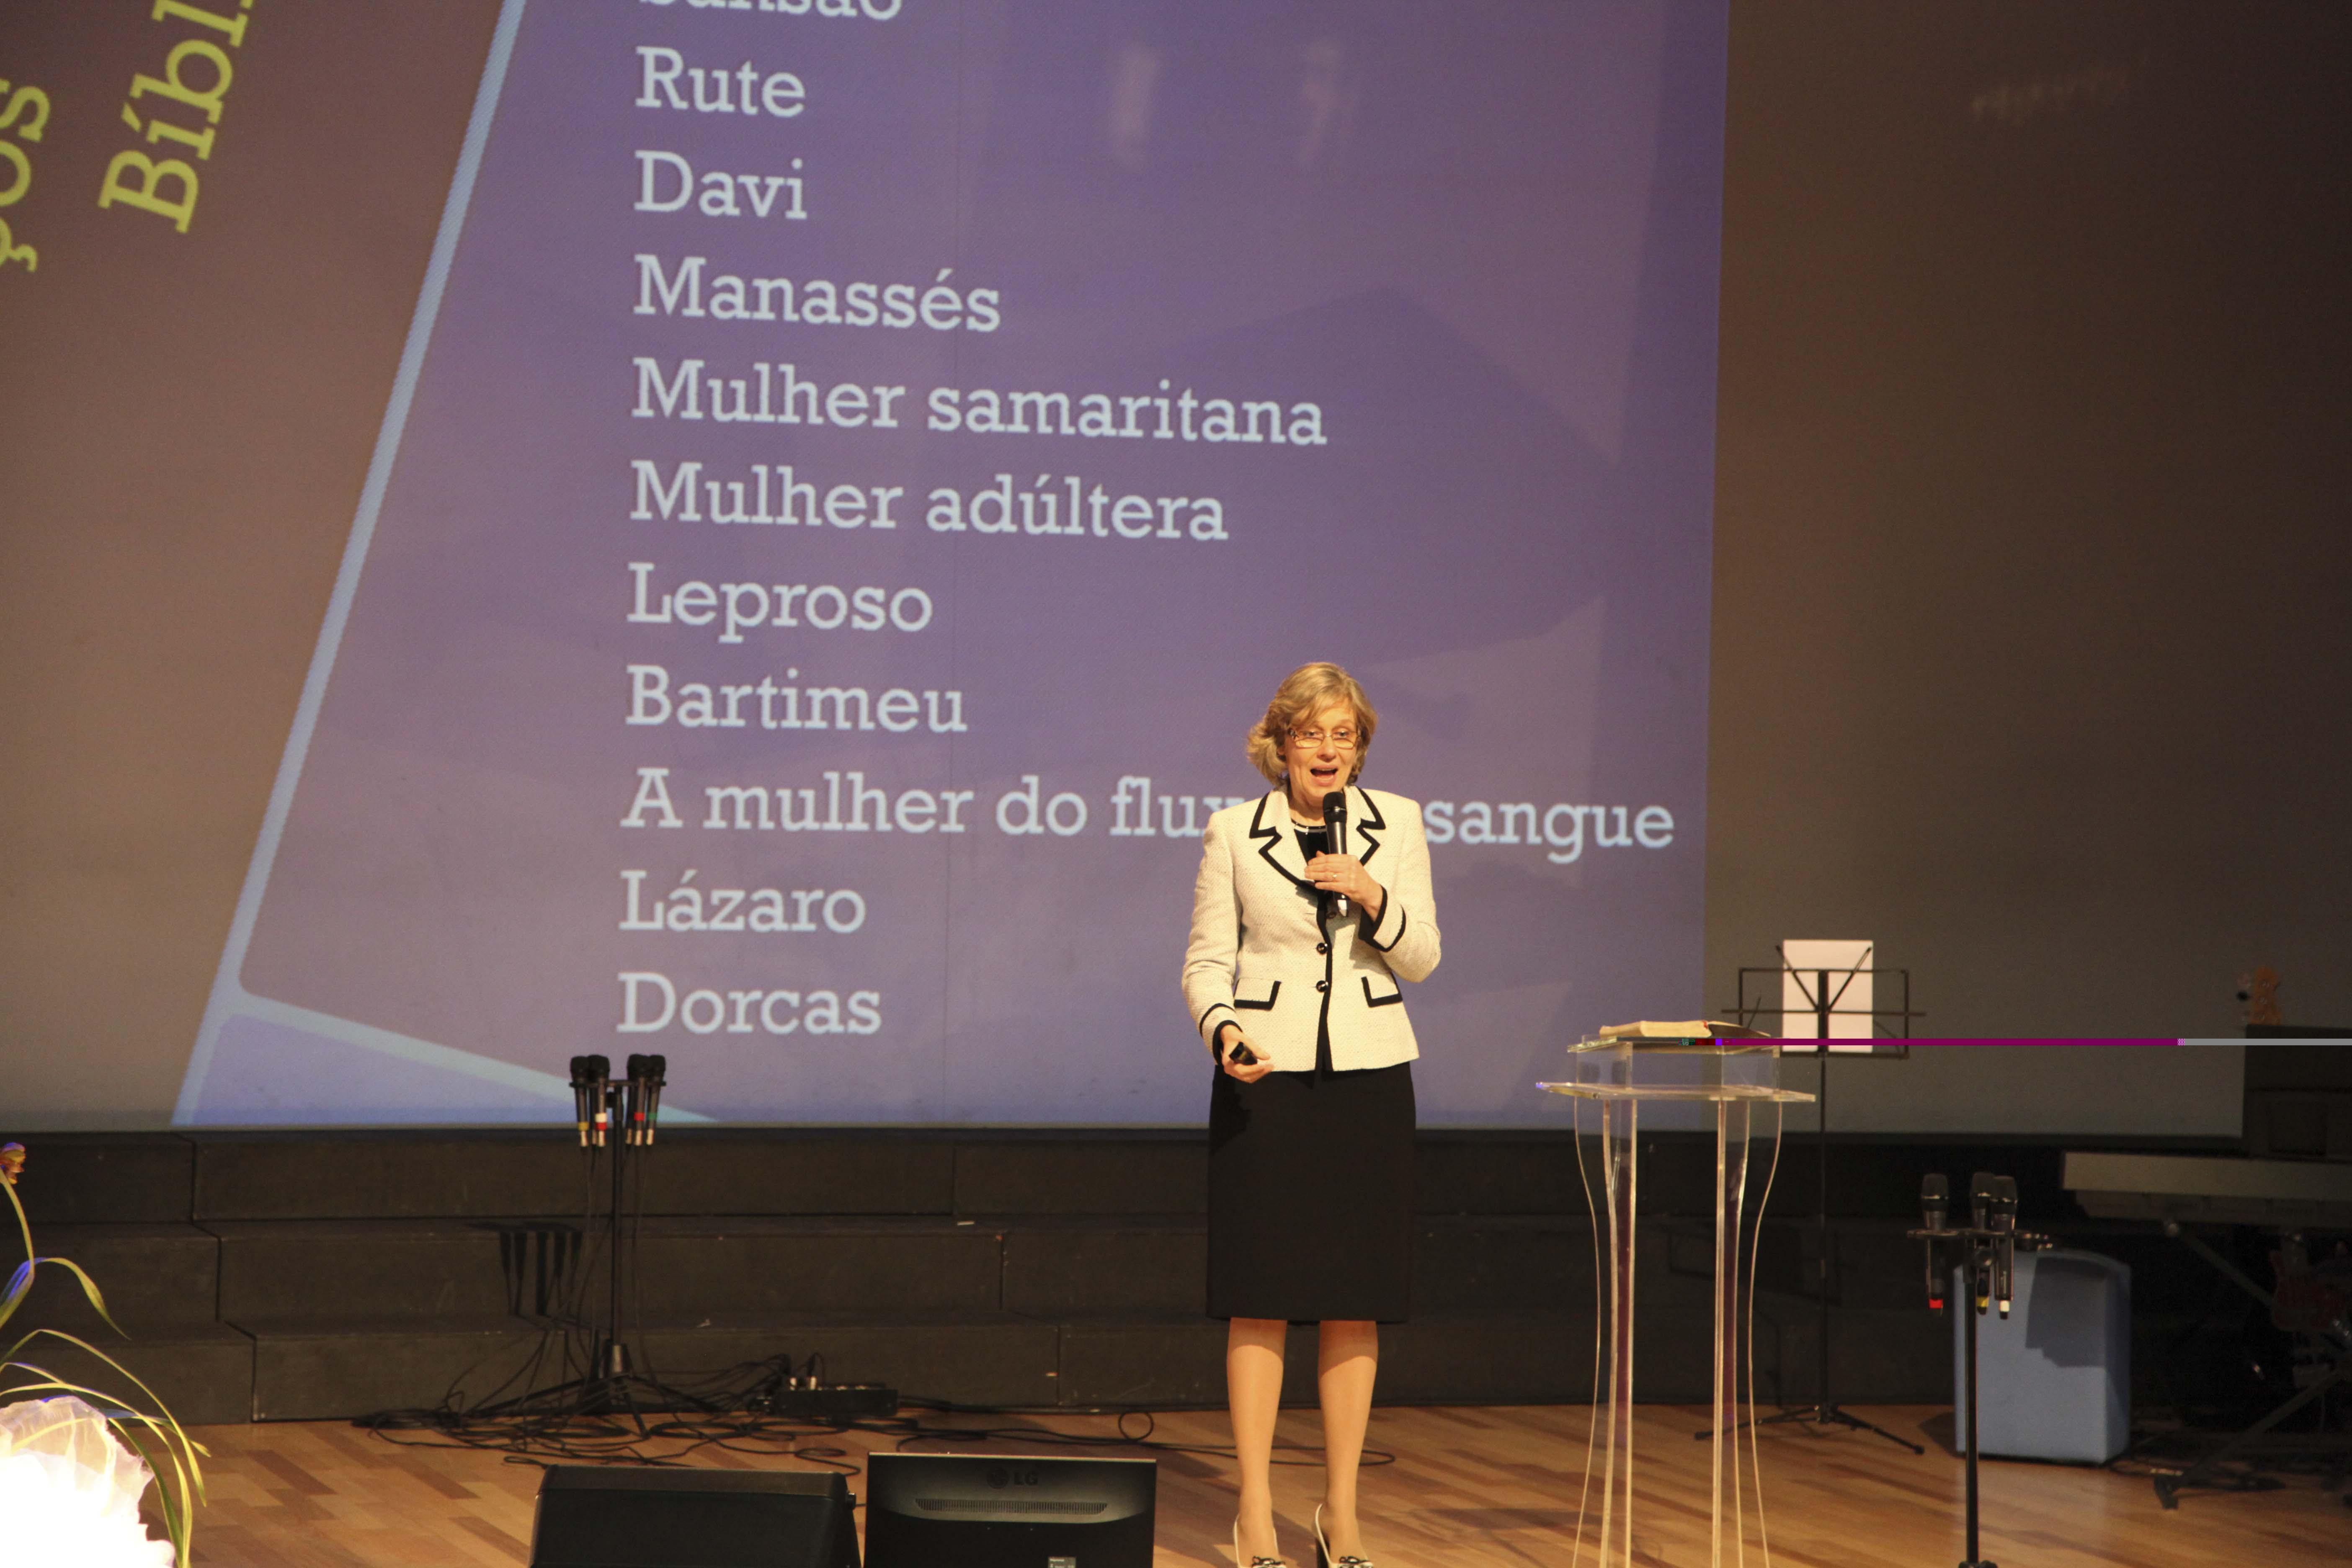 Além de orientações pessoais, as participantes foram incentivadas a cumprir a missão